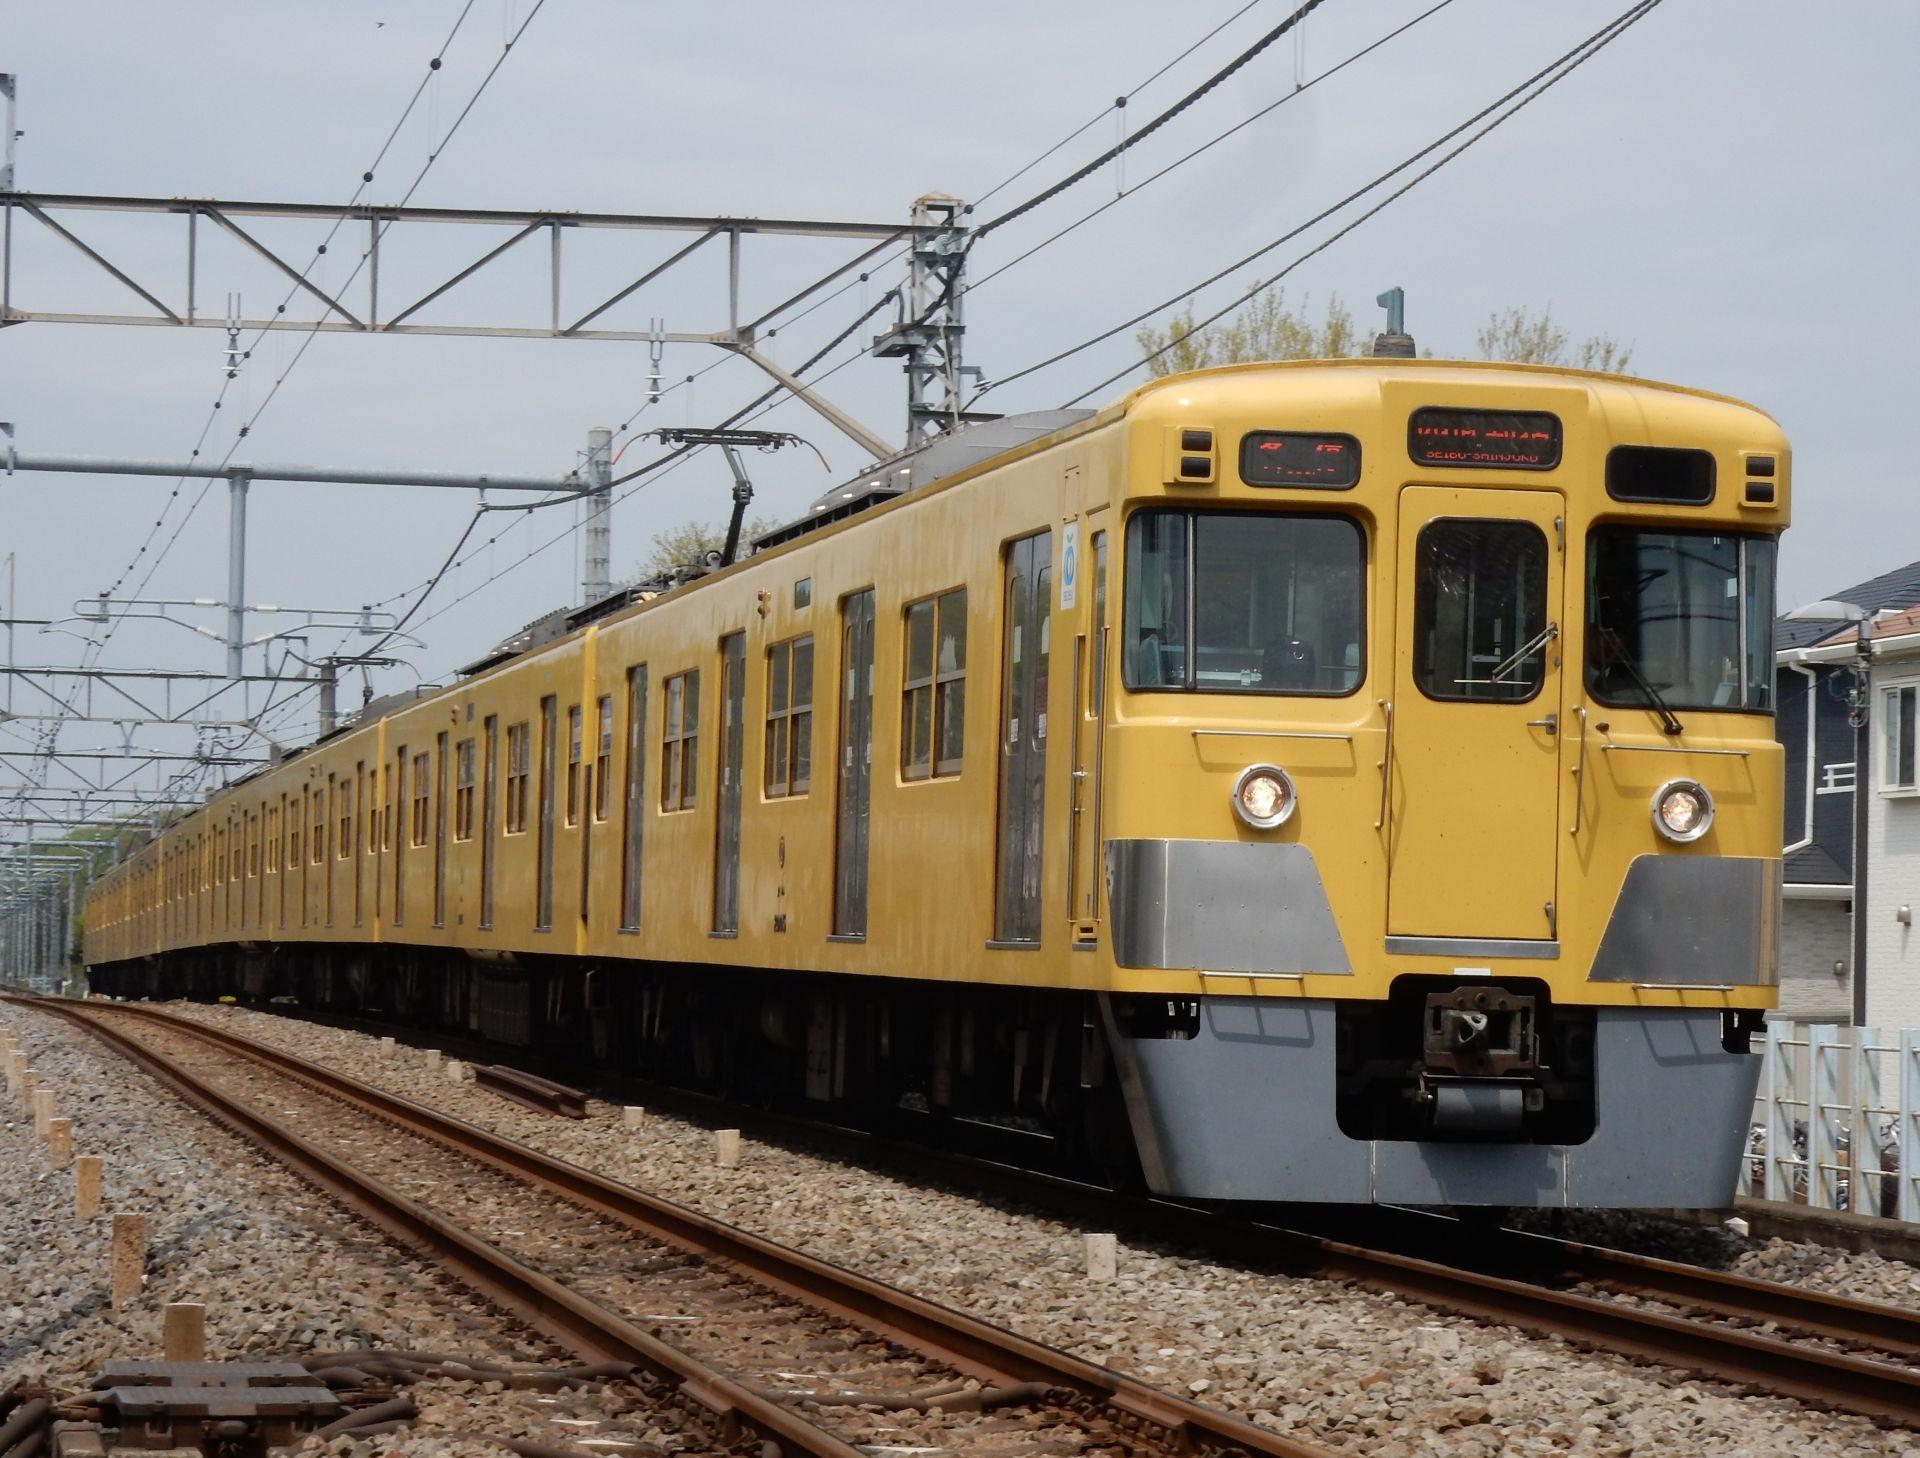 DSCN7464 - コピー